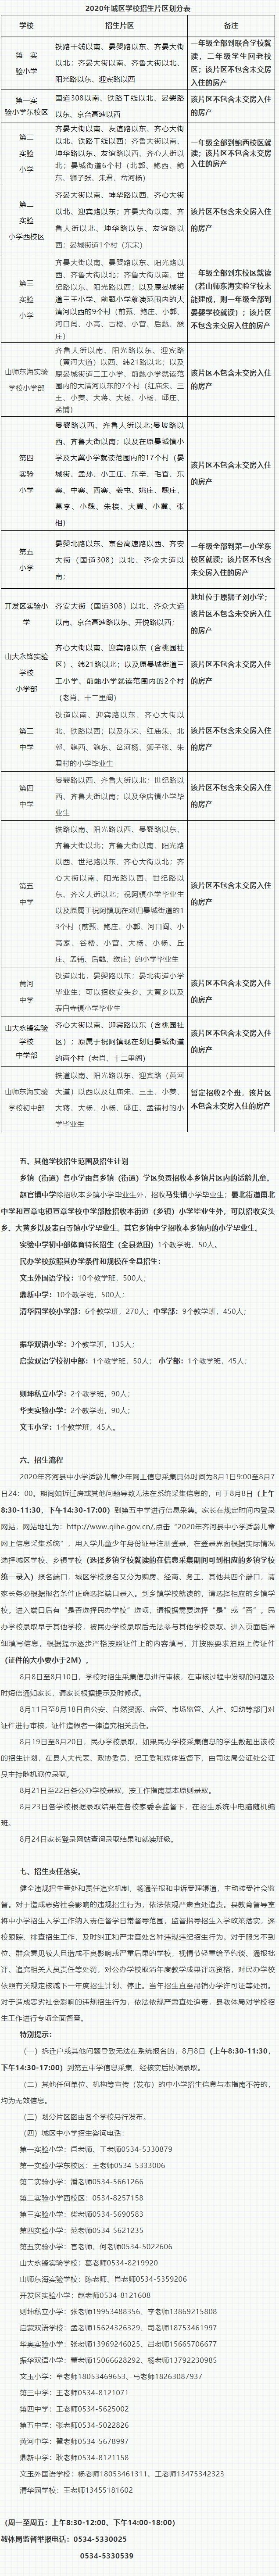 齐河县2020年中小学招生工作指南.png